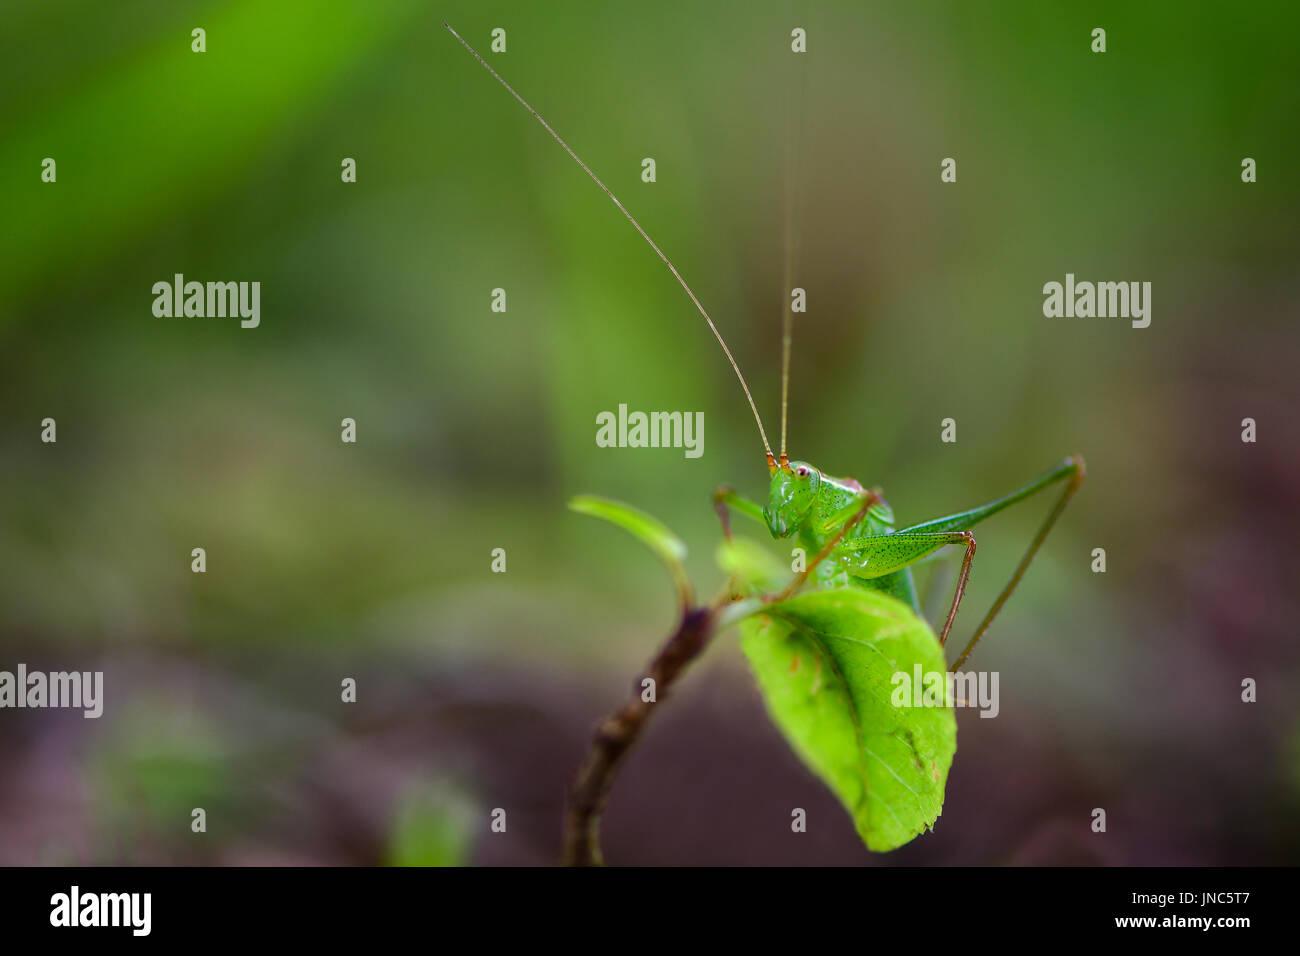 Gefleckt, Bush-Cricket (Leptophyes Punctatissima) putzen. Erwachsene männliche Insekt in der Familie Tettigoniidae, Orthopteren bestellen Stockbild